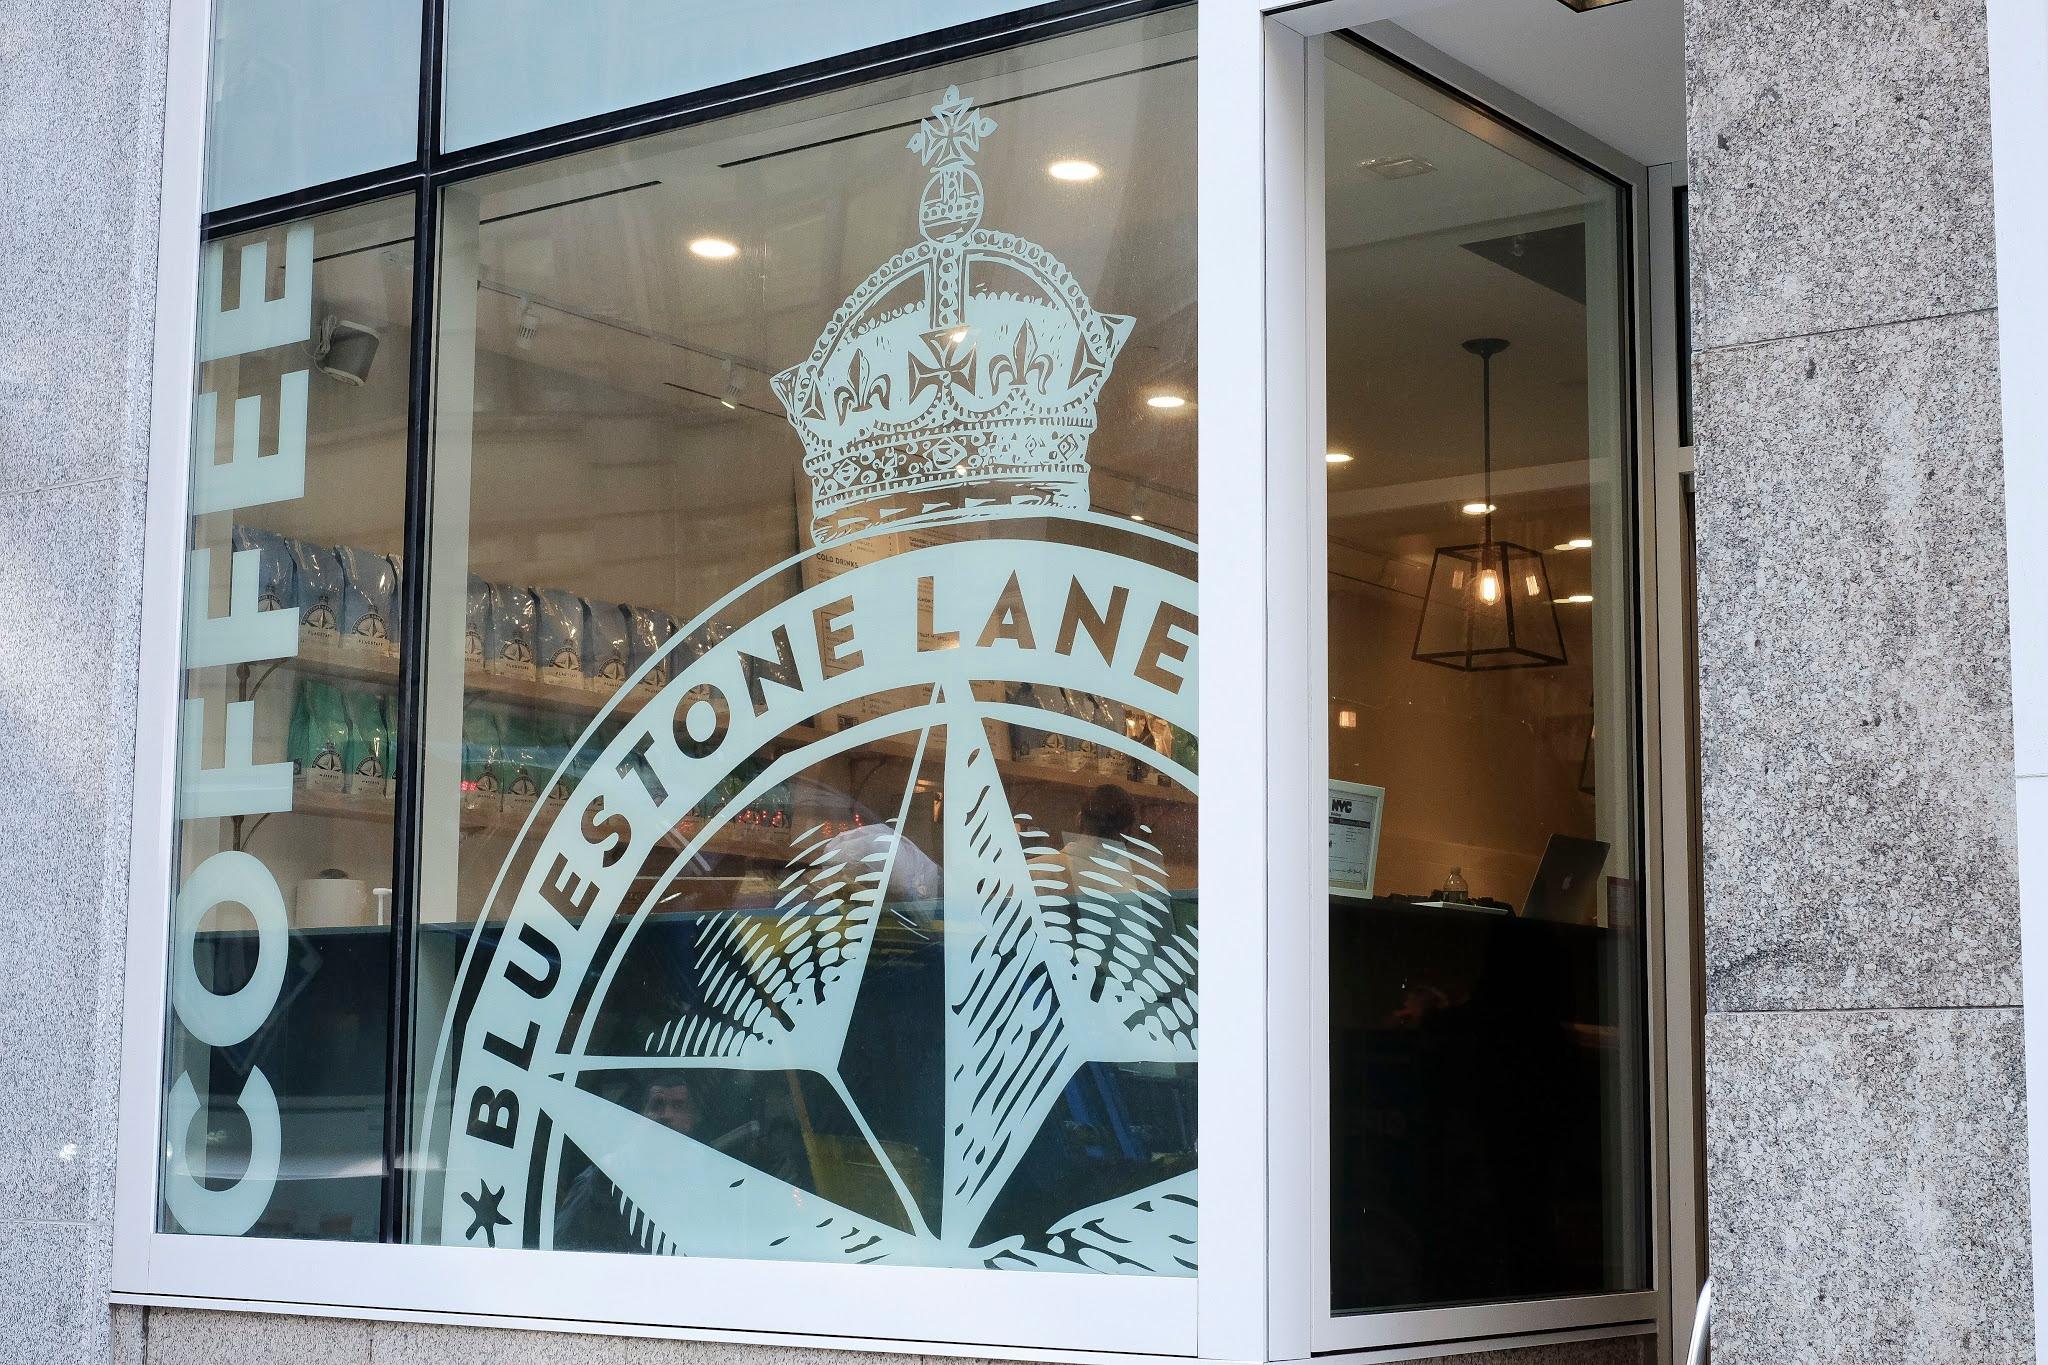 Bluestone Lane Garment District Coffee Shop